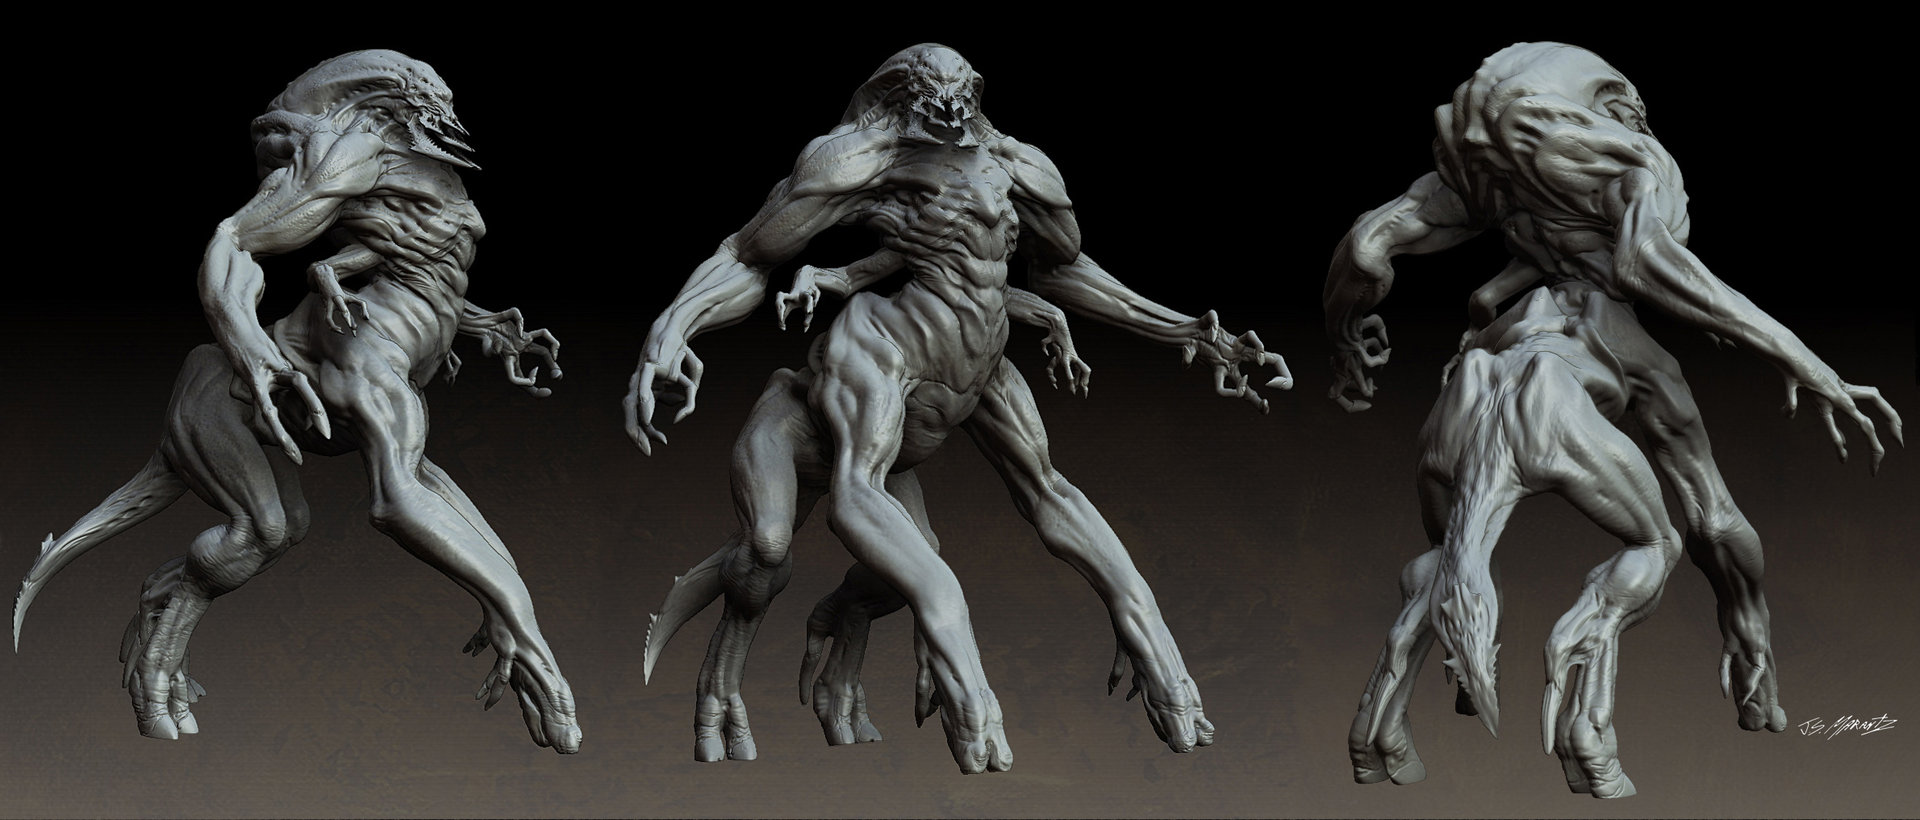 Jerad marantz kill alien ortho